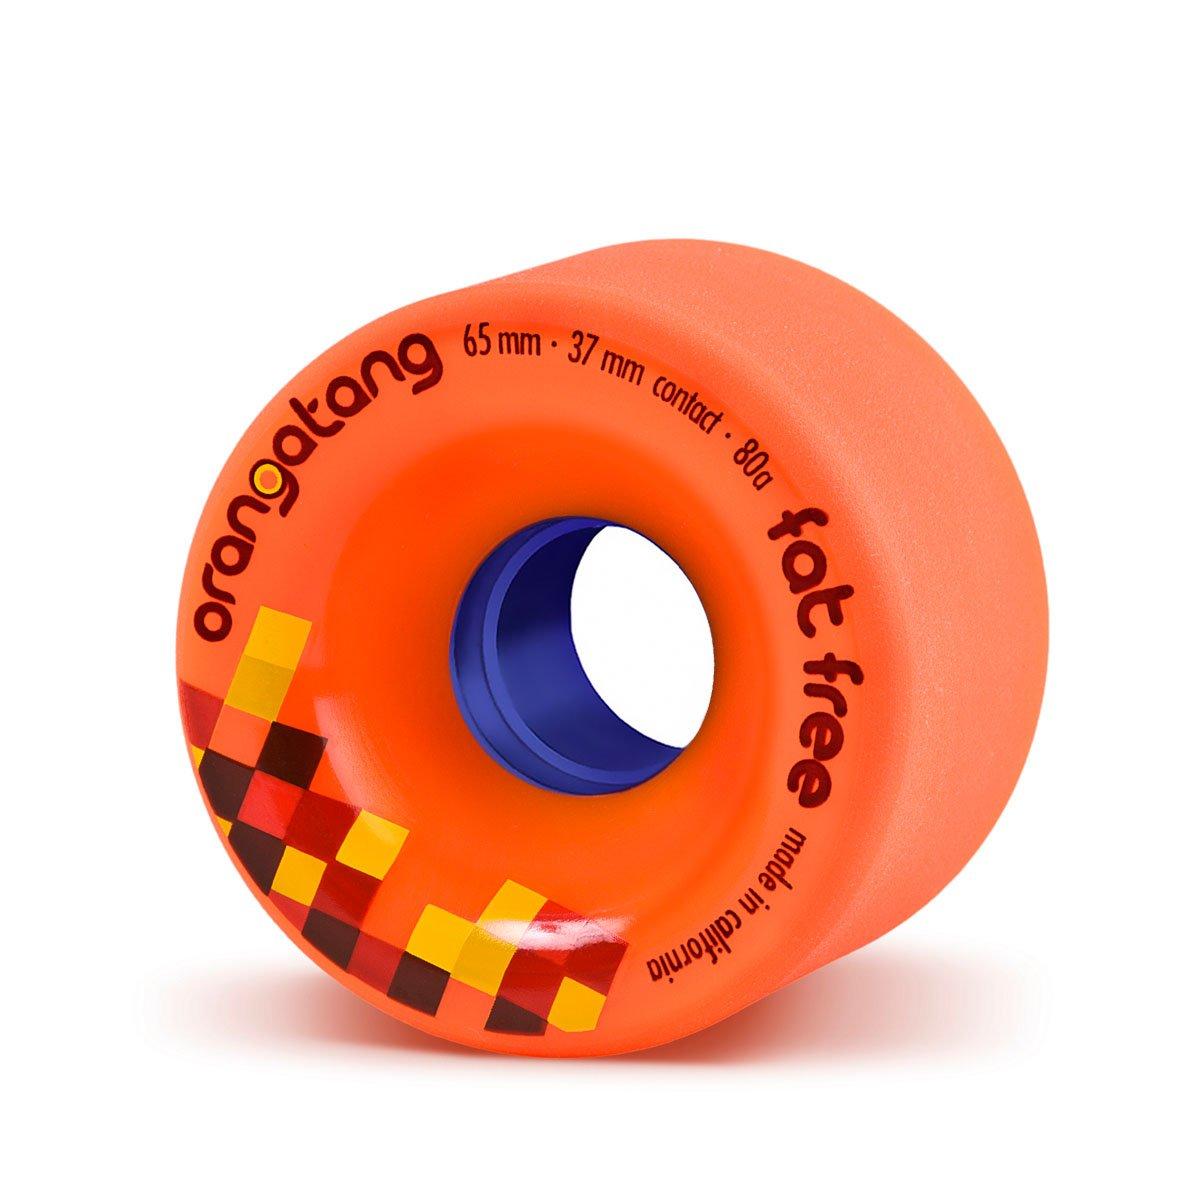 Orangatang Fat Free 65 mm 80a Freeride Longboard Skateboard Wheels w/Loaded Jehu V2 Bearings (Orange, Set of 4)